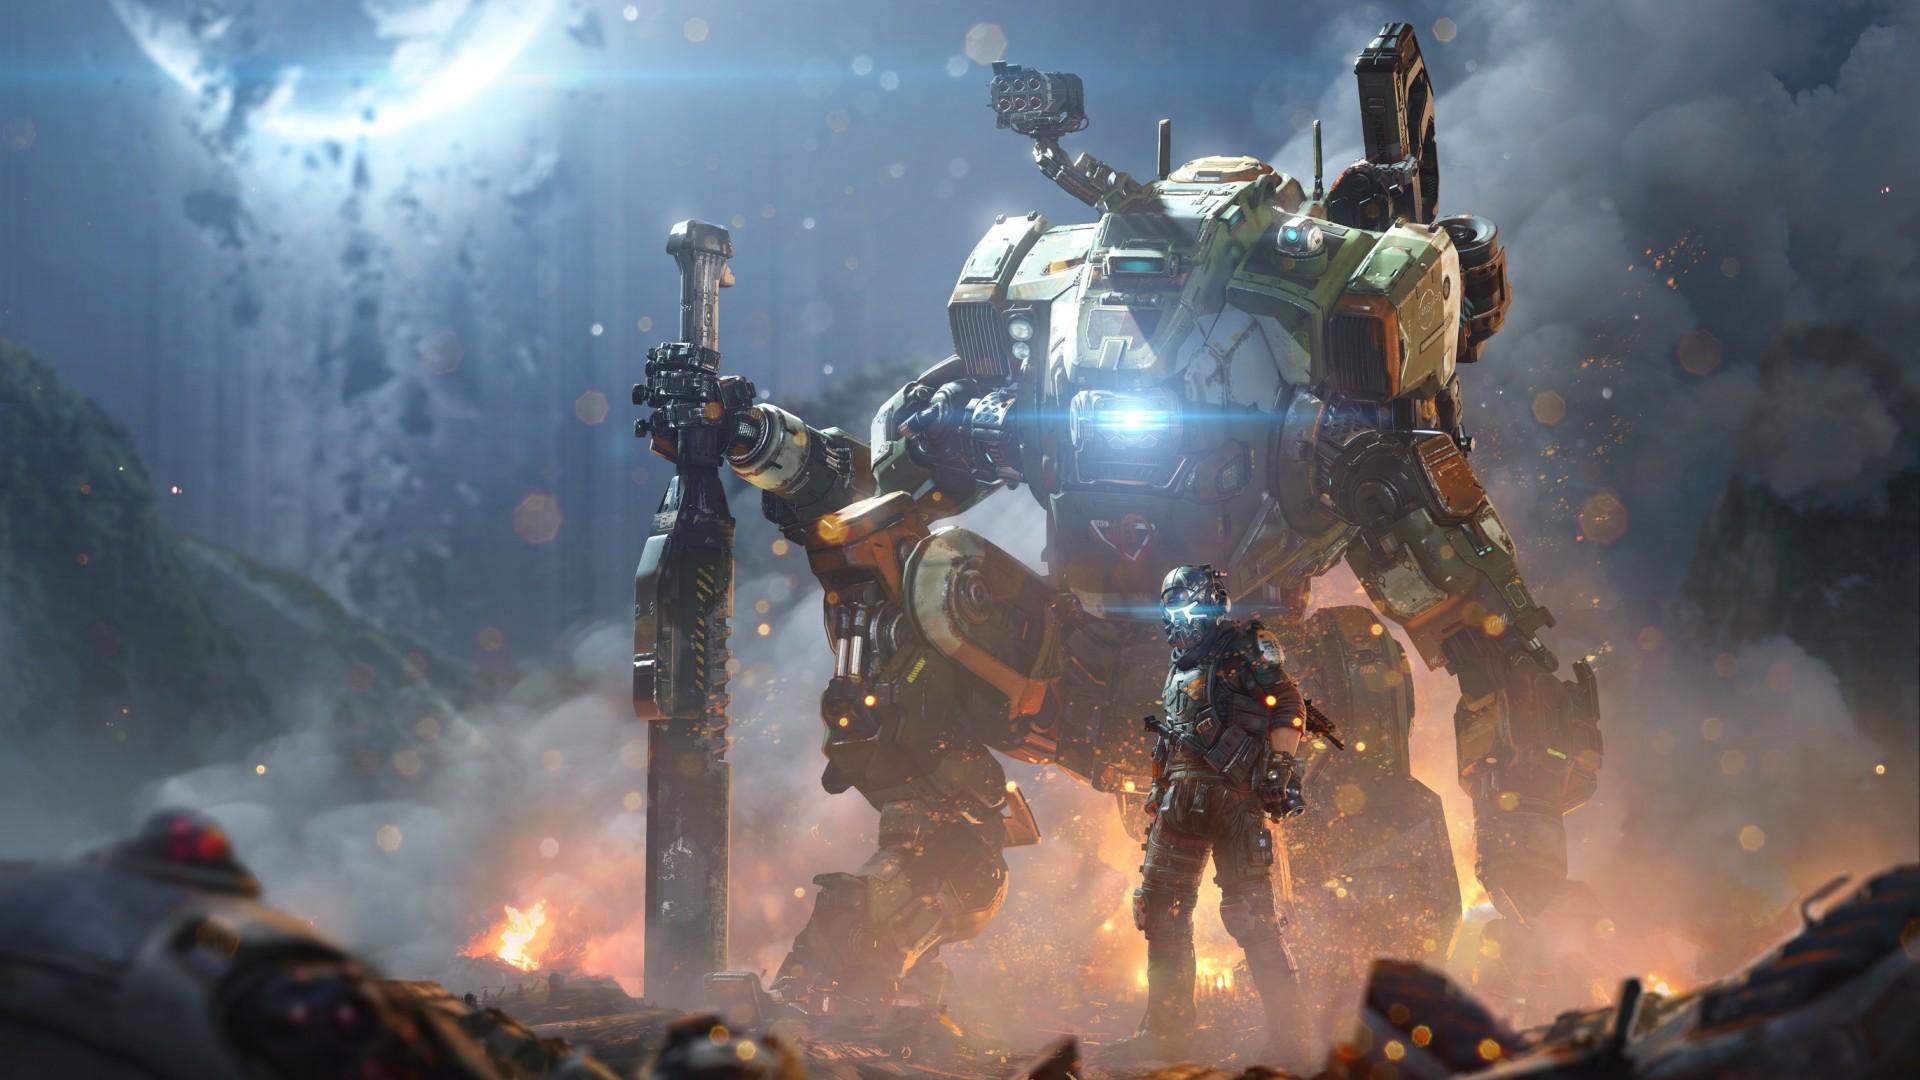 EA mueve el tablero: Compra Respawn, creadores de Titanfall, y disuelve otro estudio